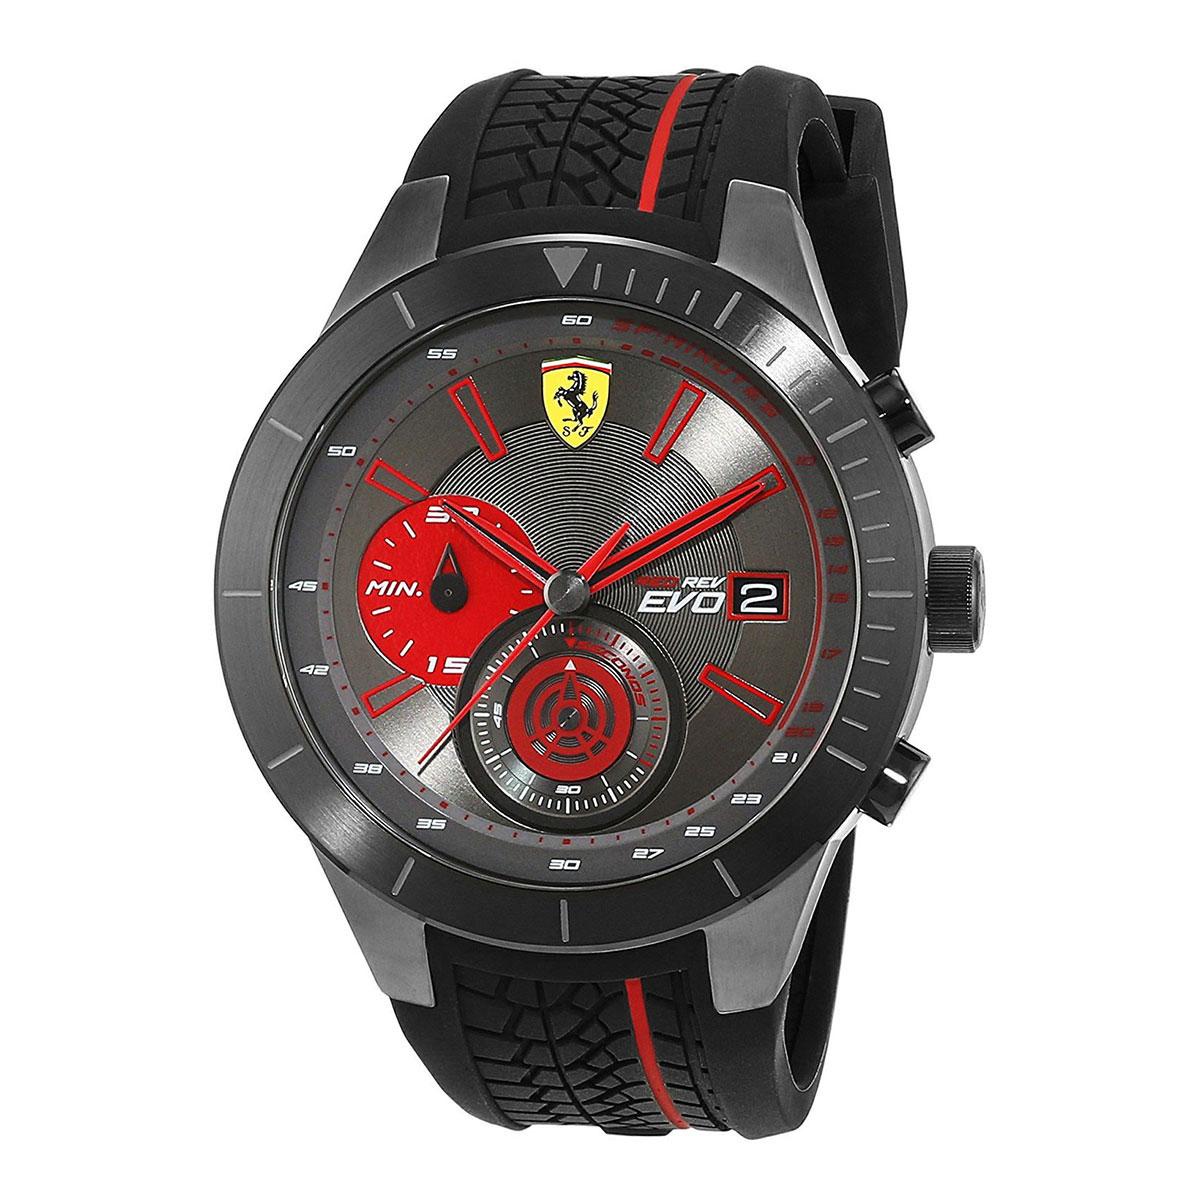 นาฬิกาผู้ชาย Ferrari รุ่น 0830341, RedRev Evo